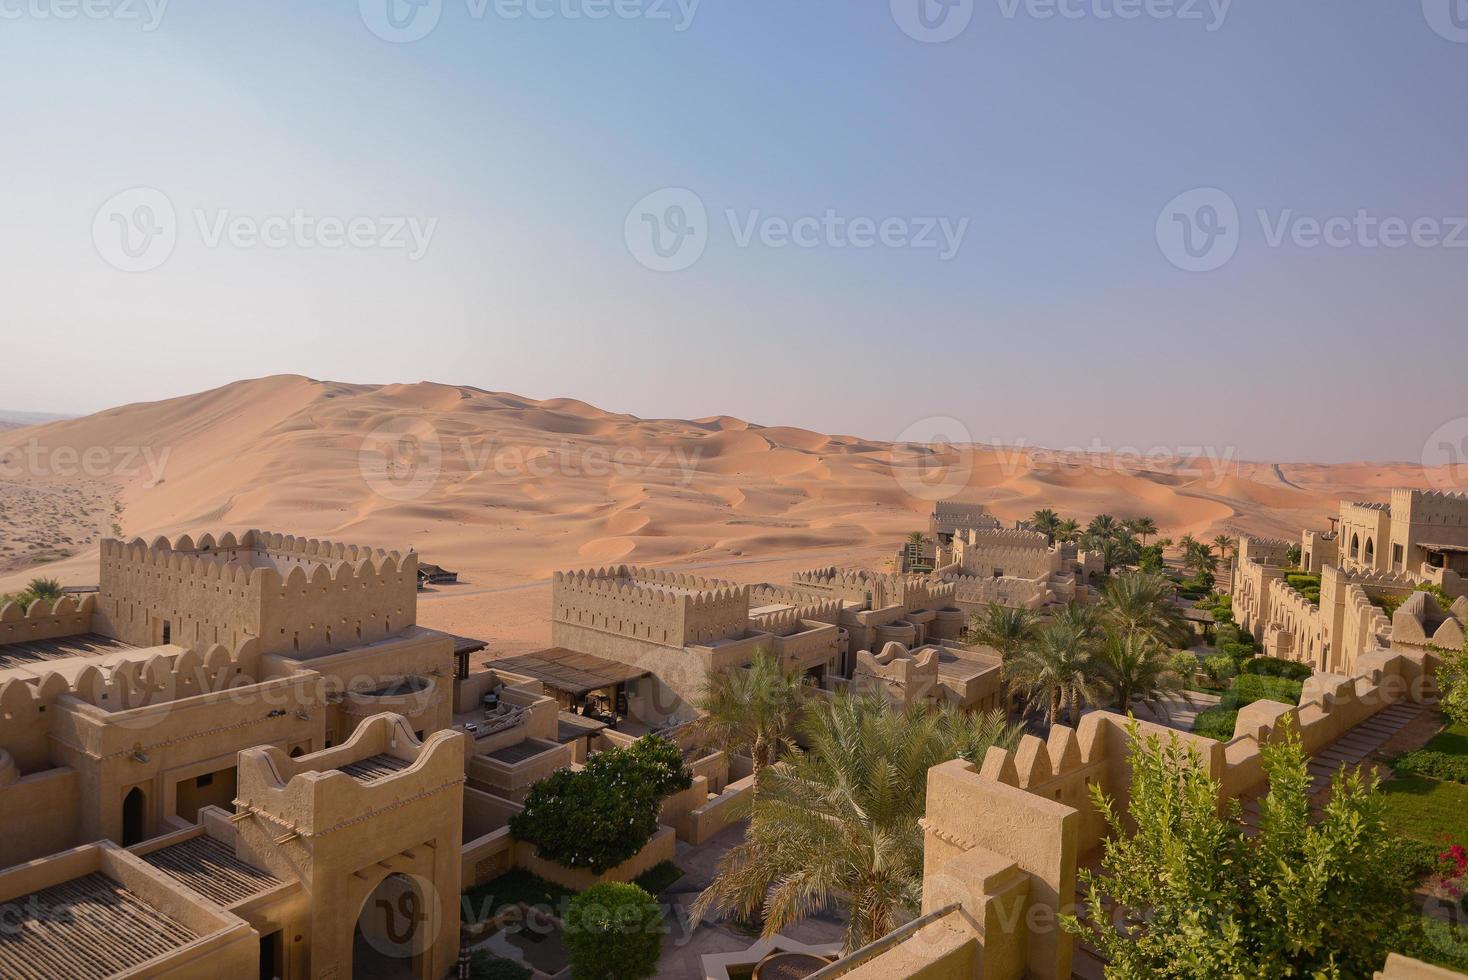 Desert oasis photo